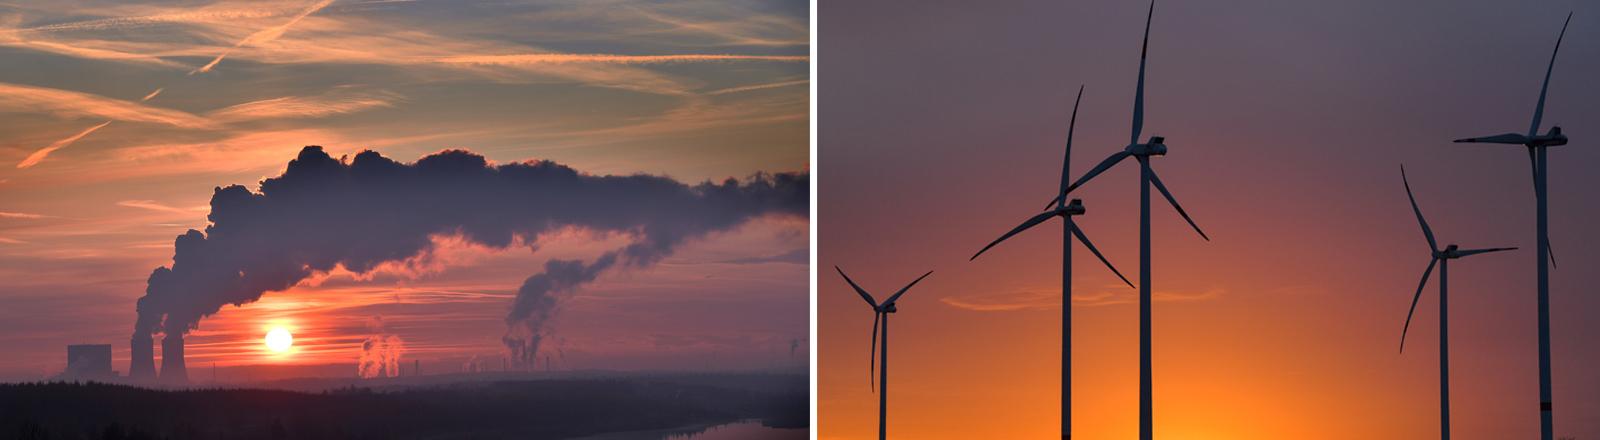 Kohlekraftwerk Windenergie